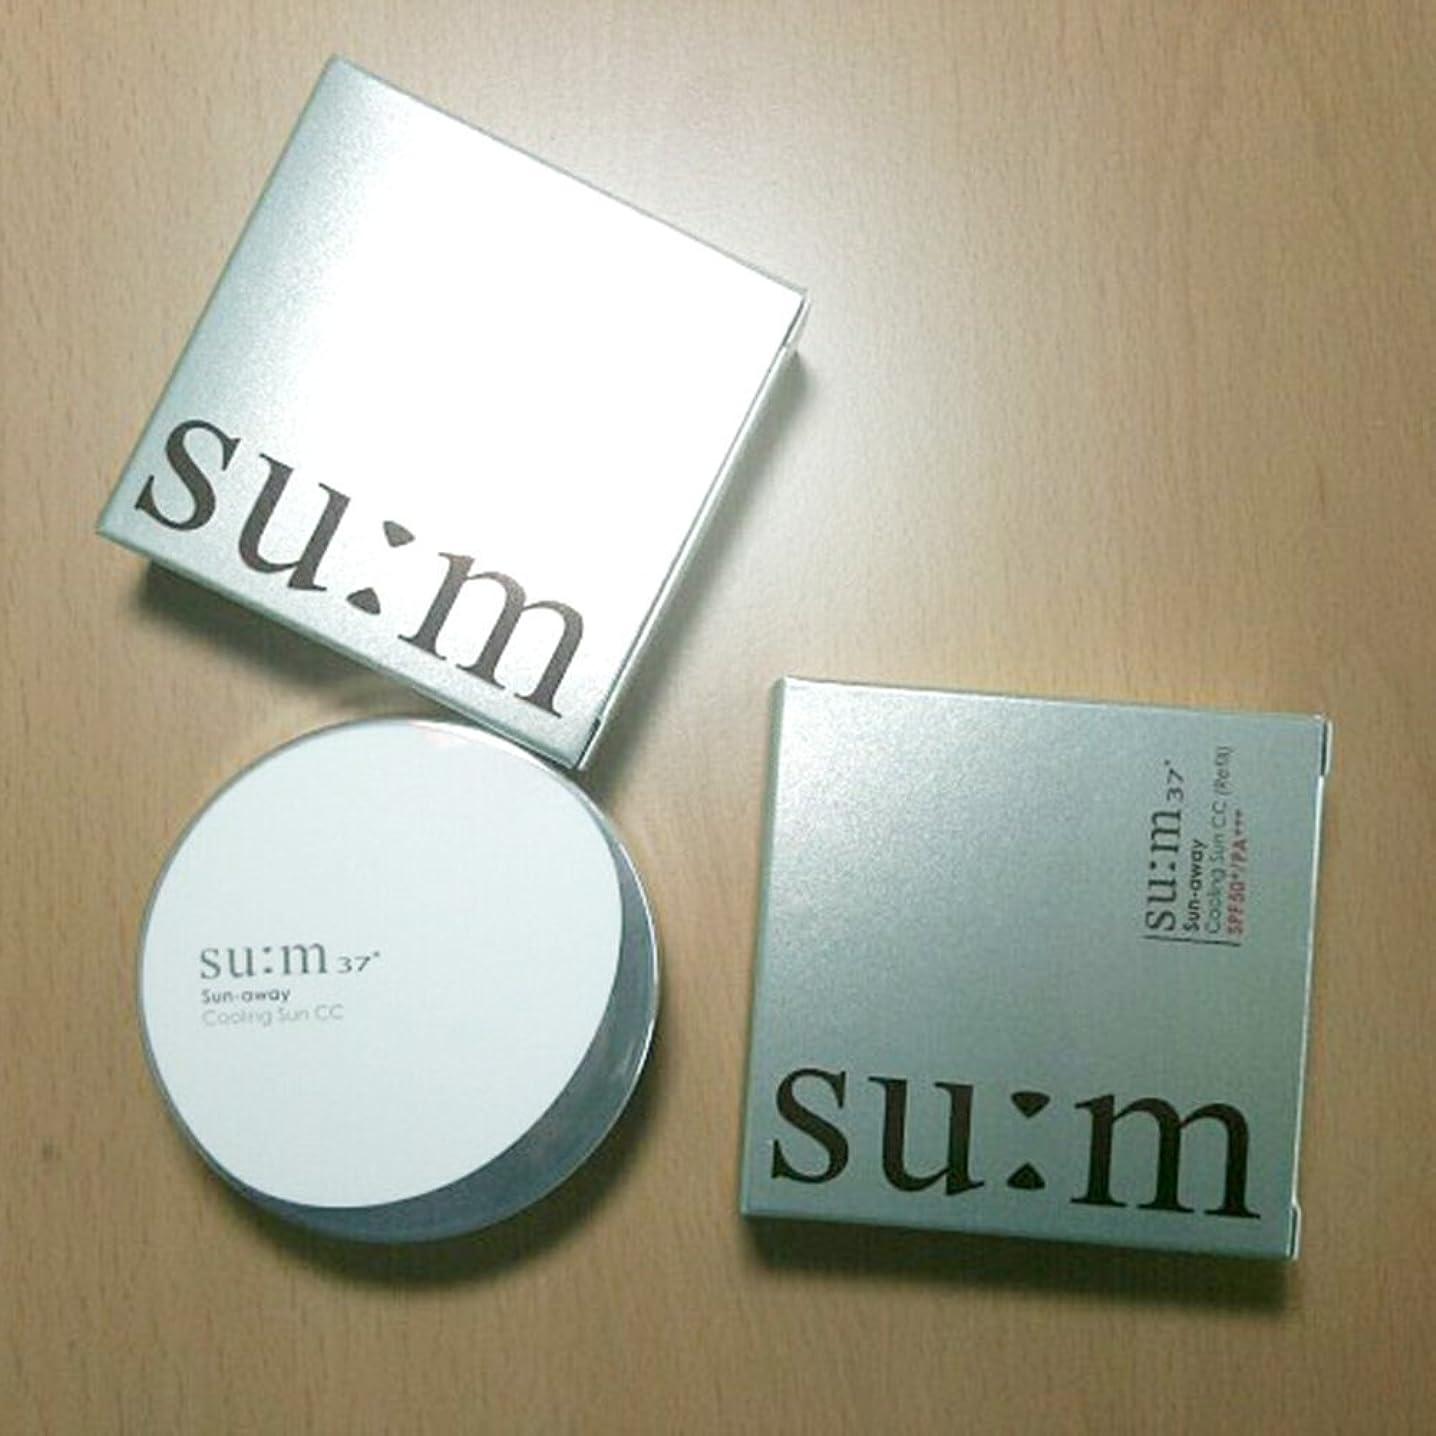 保存する泳ぐフェード[su:m37/スム37°] SUM37 Sun-away Cooling Sun CC cushion 本品1個+リフィル2個/スム37 サンアウェイ クーリングサンCC 企画 +[Sample Gift](海外直送品)